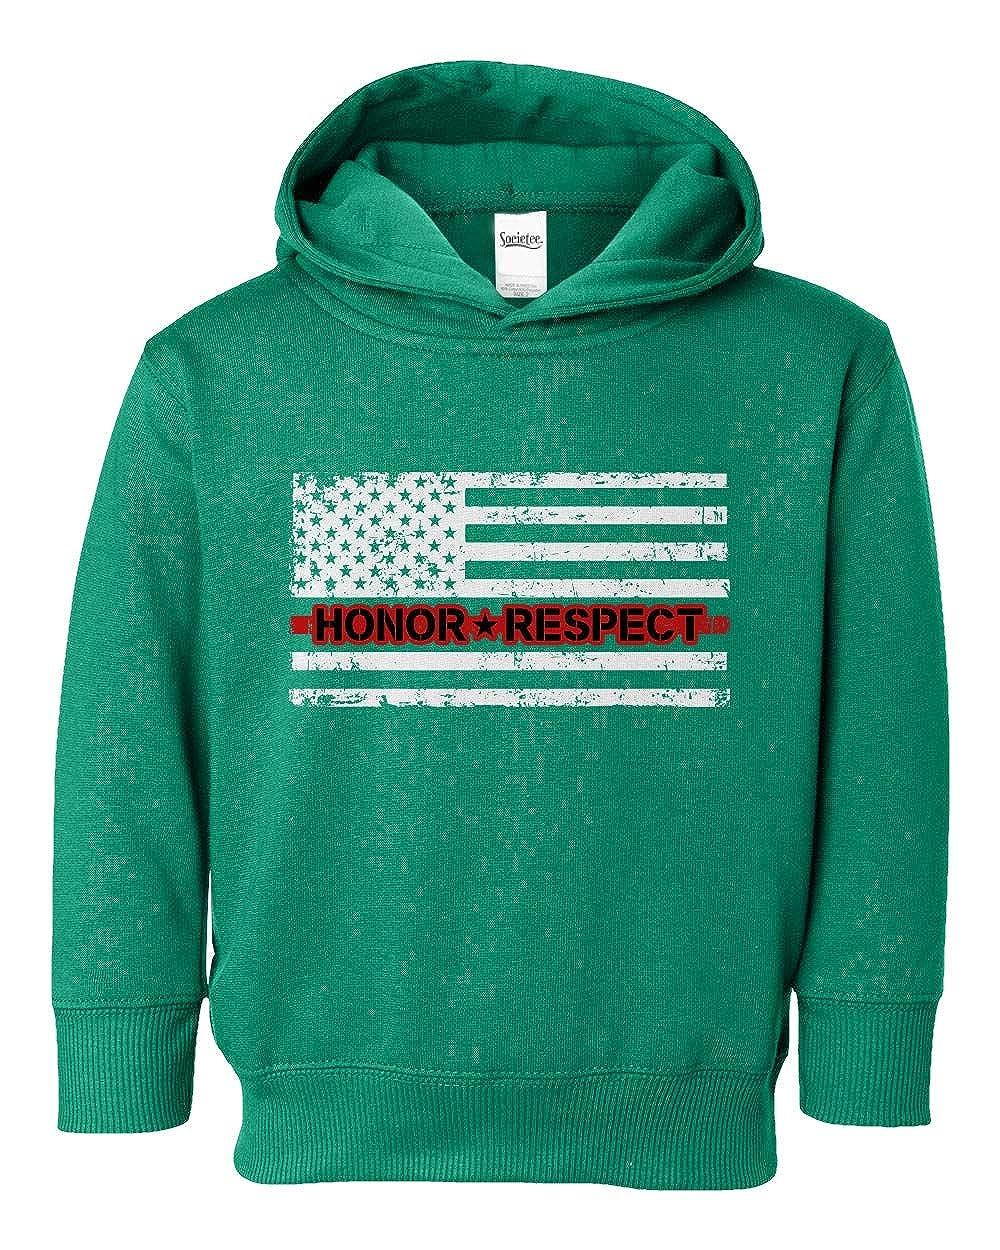 Societee Honor /& Respect Thin Red Line Flag Girls Boys Toddler Hooded Sweatshirt